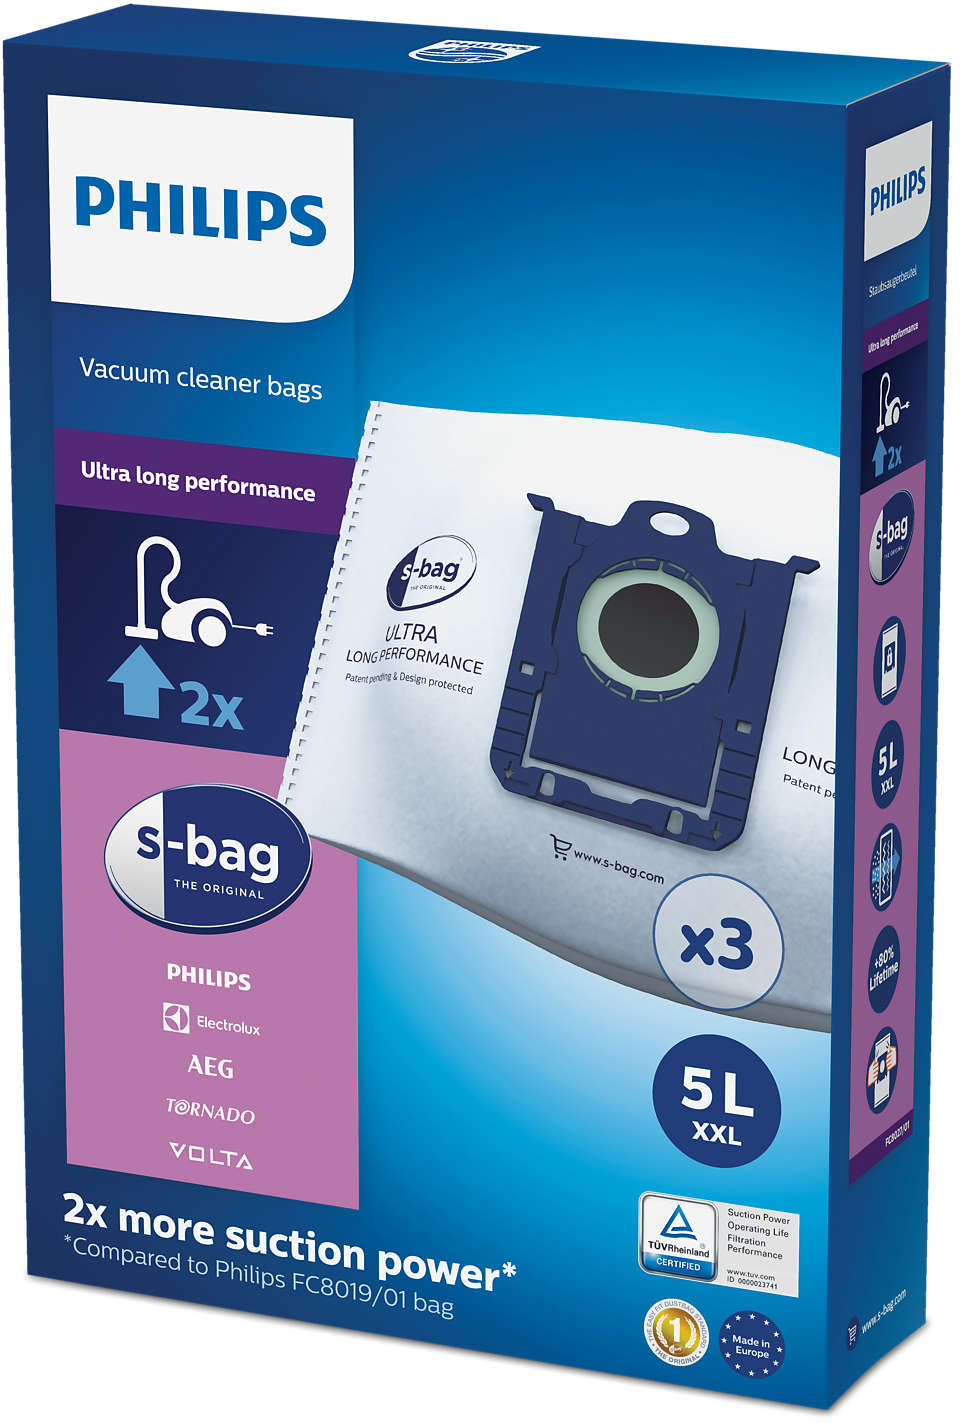 s-bag®, rendkívül tartós kialakítás